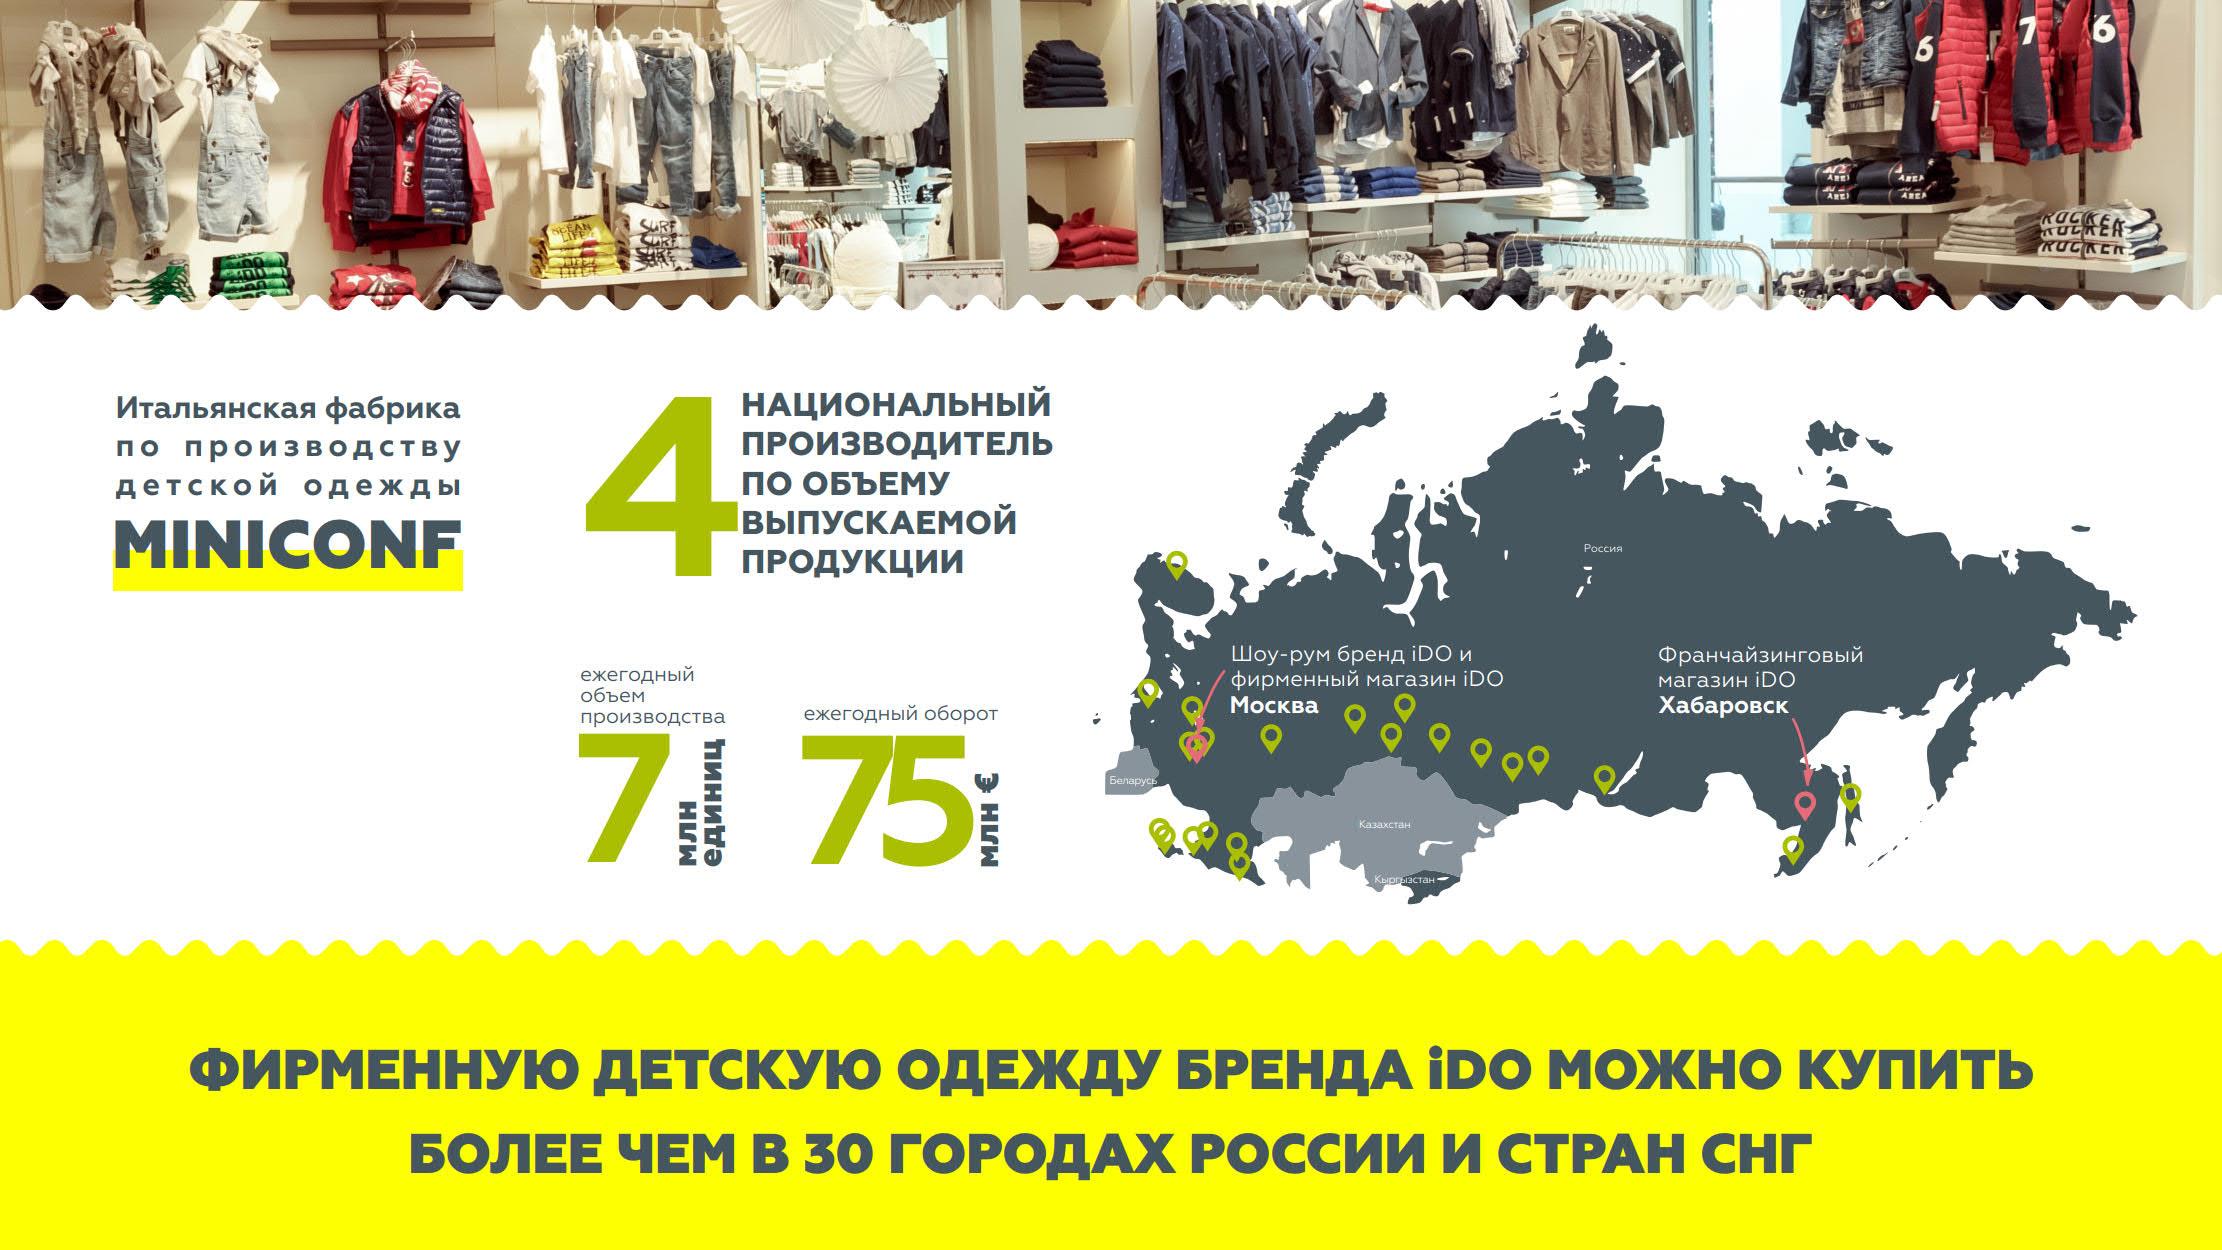 Презентация магазинов детской одежды iDO для аренды в ТЦ